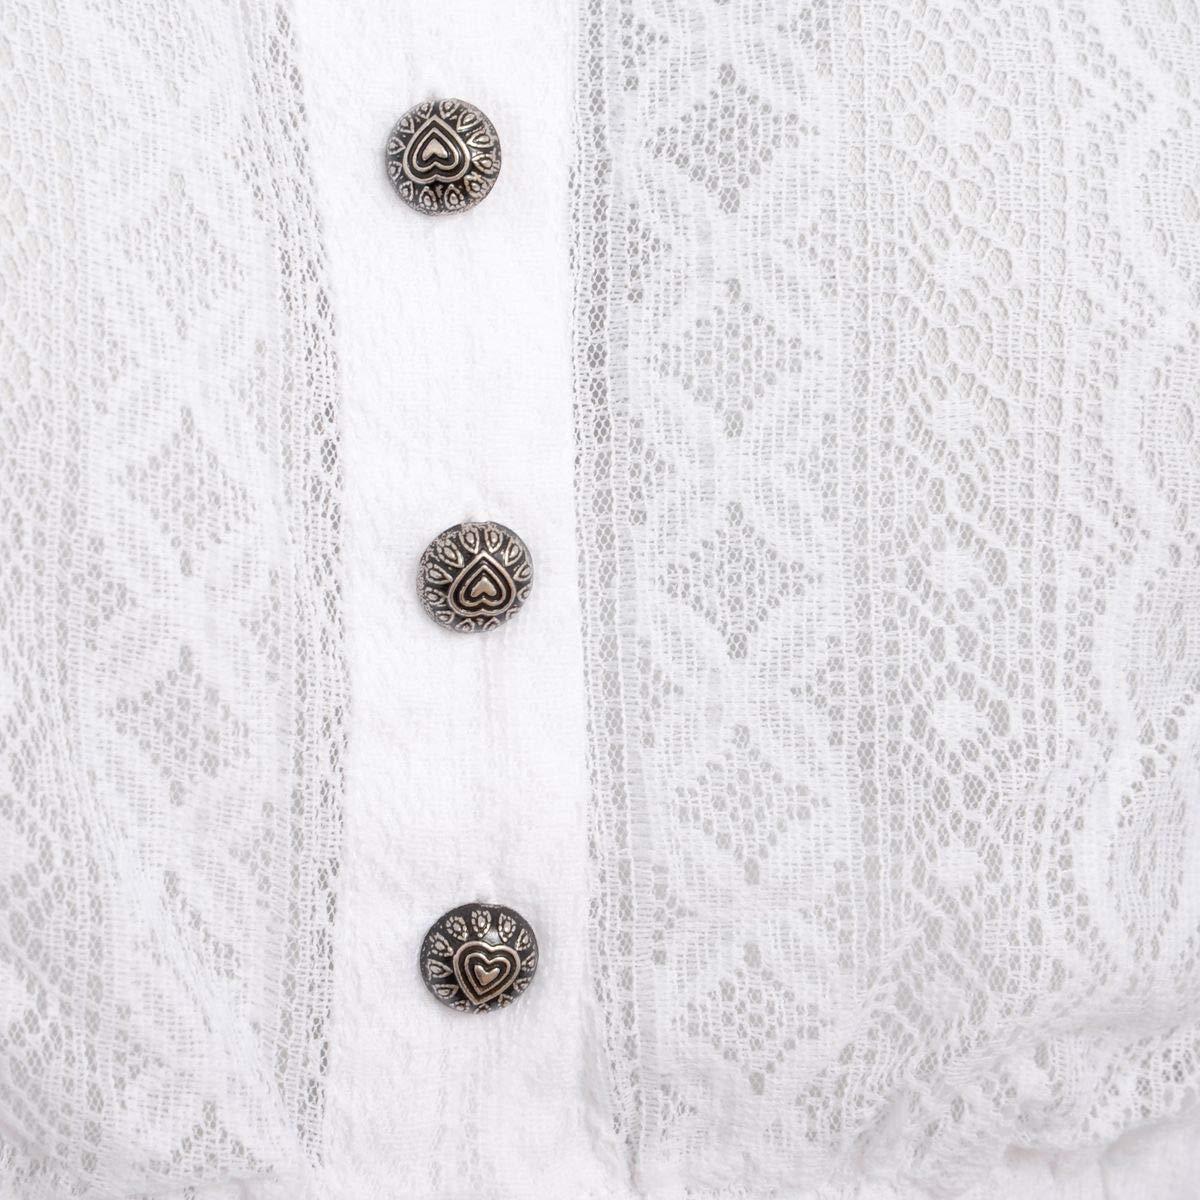 MarJo Trachten Damen Trachten-Mode DirndlBlause Bela-Anita in in in Weiß traditionell B07D4615Q5 DirndlBlausen Feines Nähen 15a298